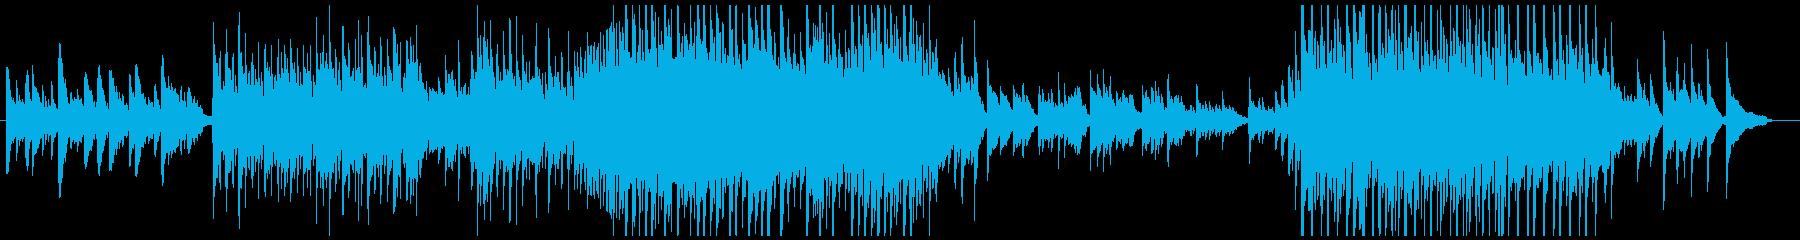 前向きなピアノ曲の再生済みの波形